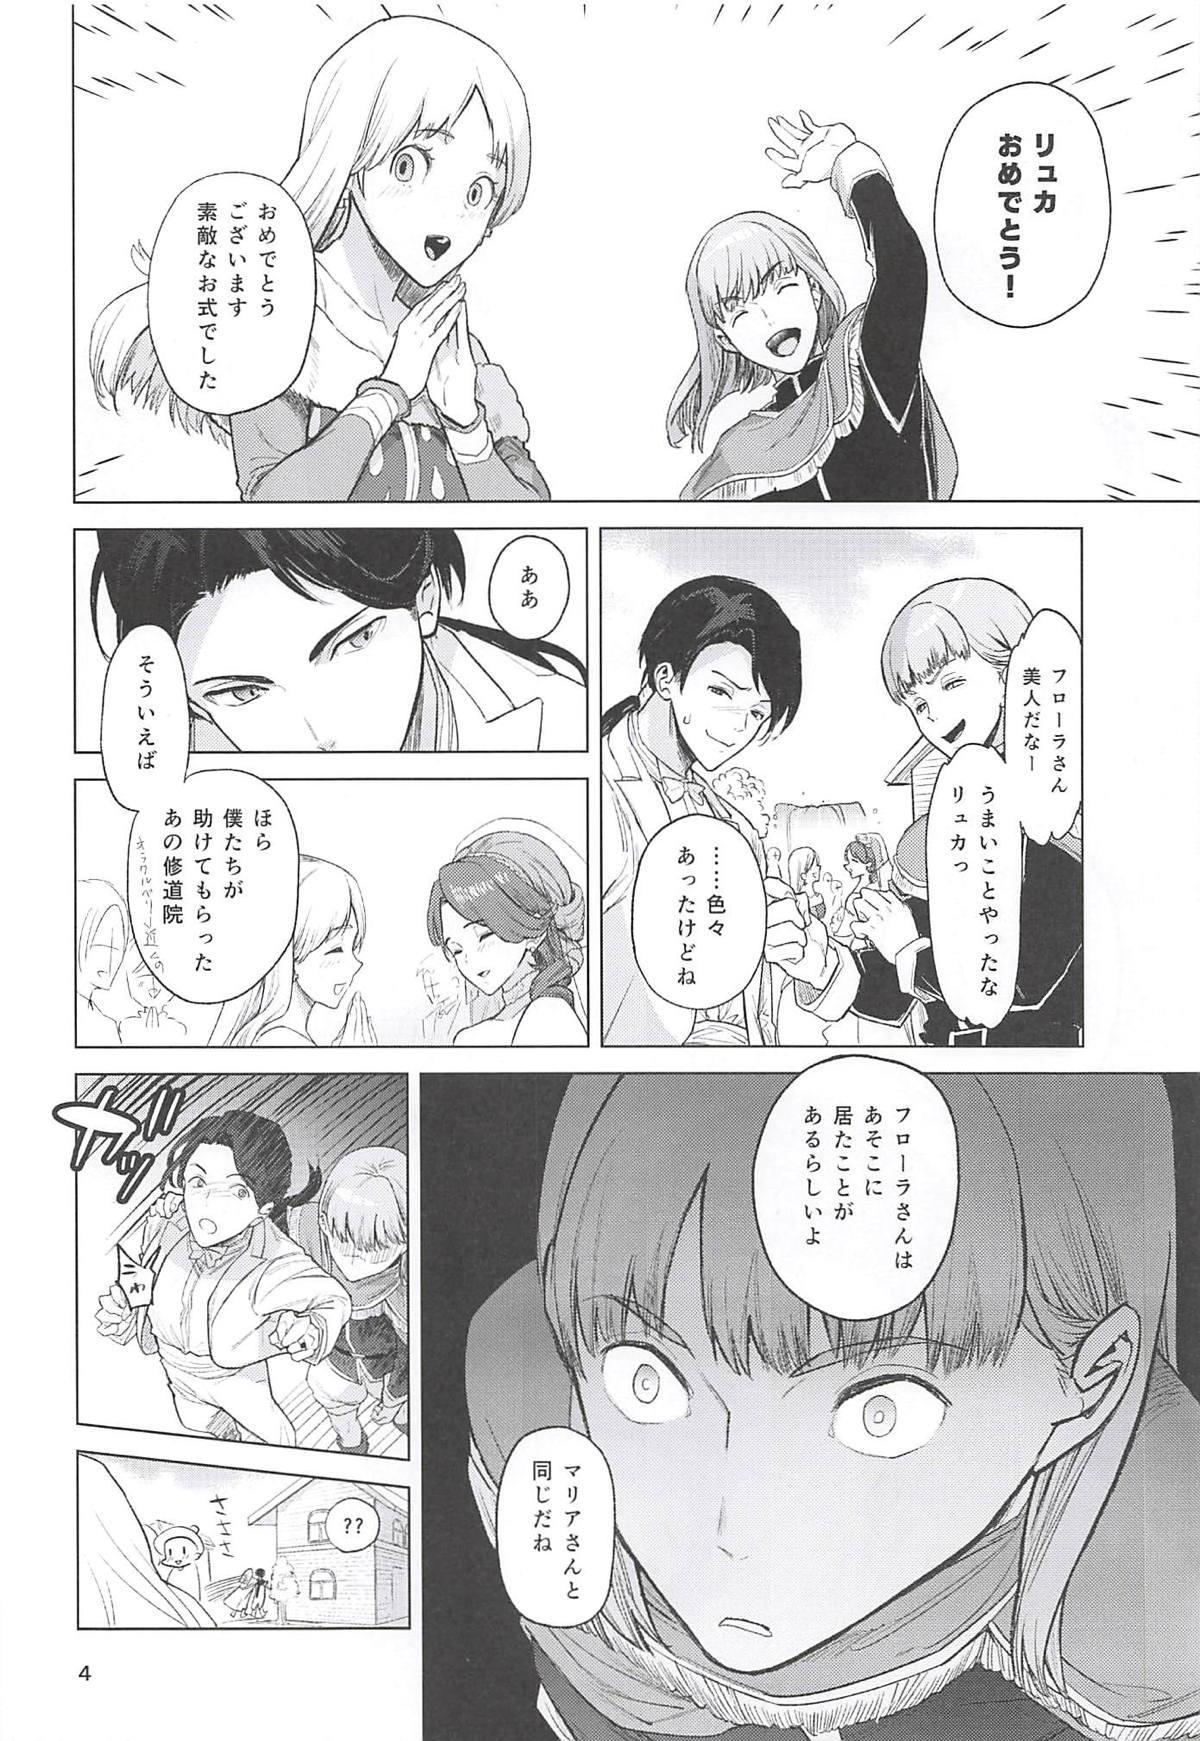 Flora-san to, Shoya. 2